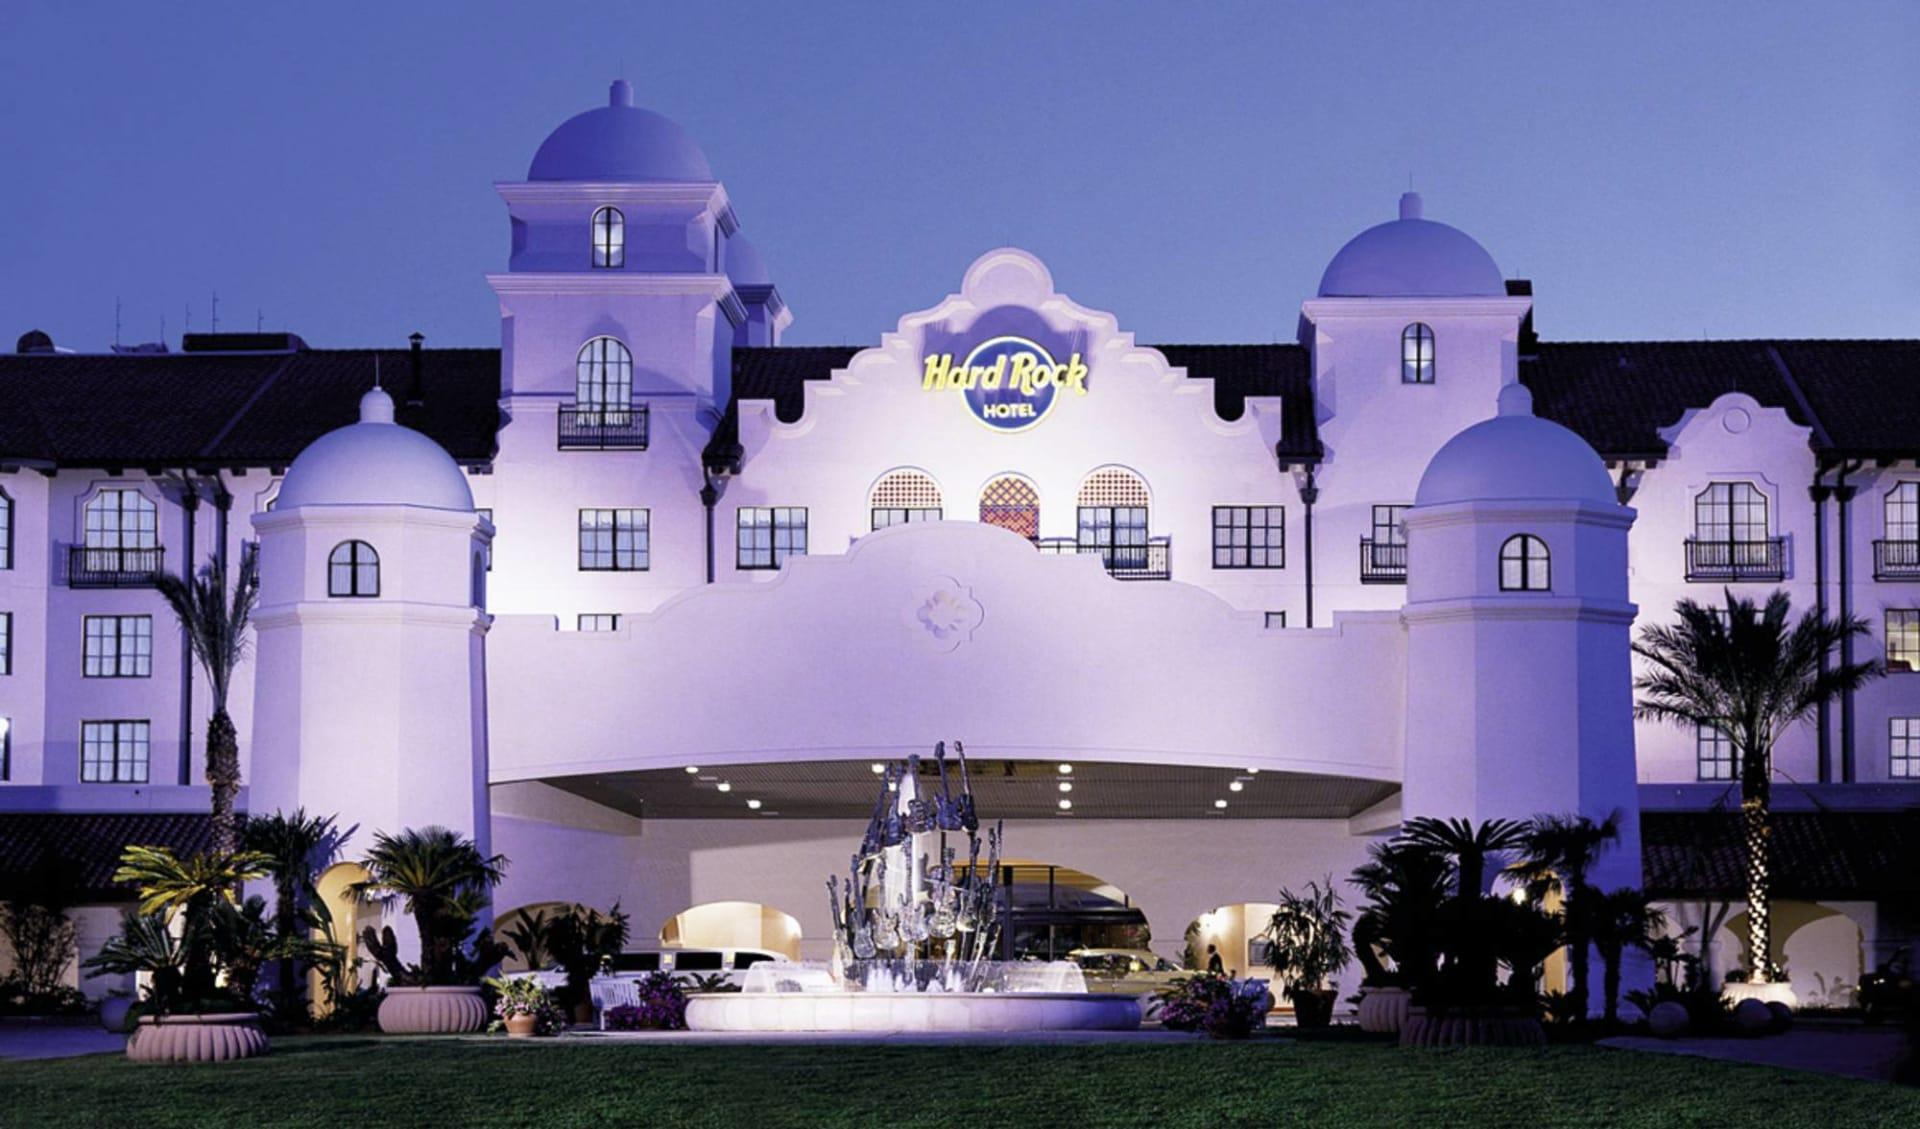 Hard Rock Hotel Orlando:  Hard Rock Hotel Orlando - Hotelansicht